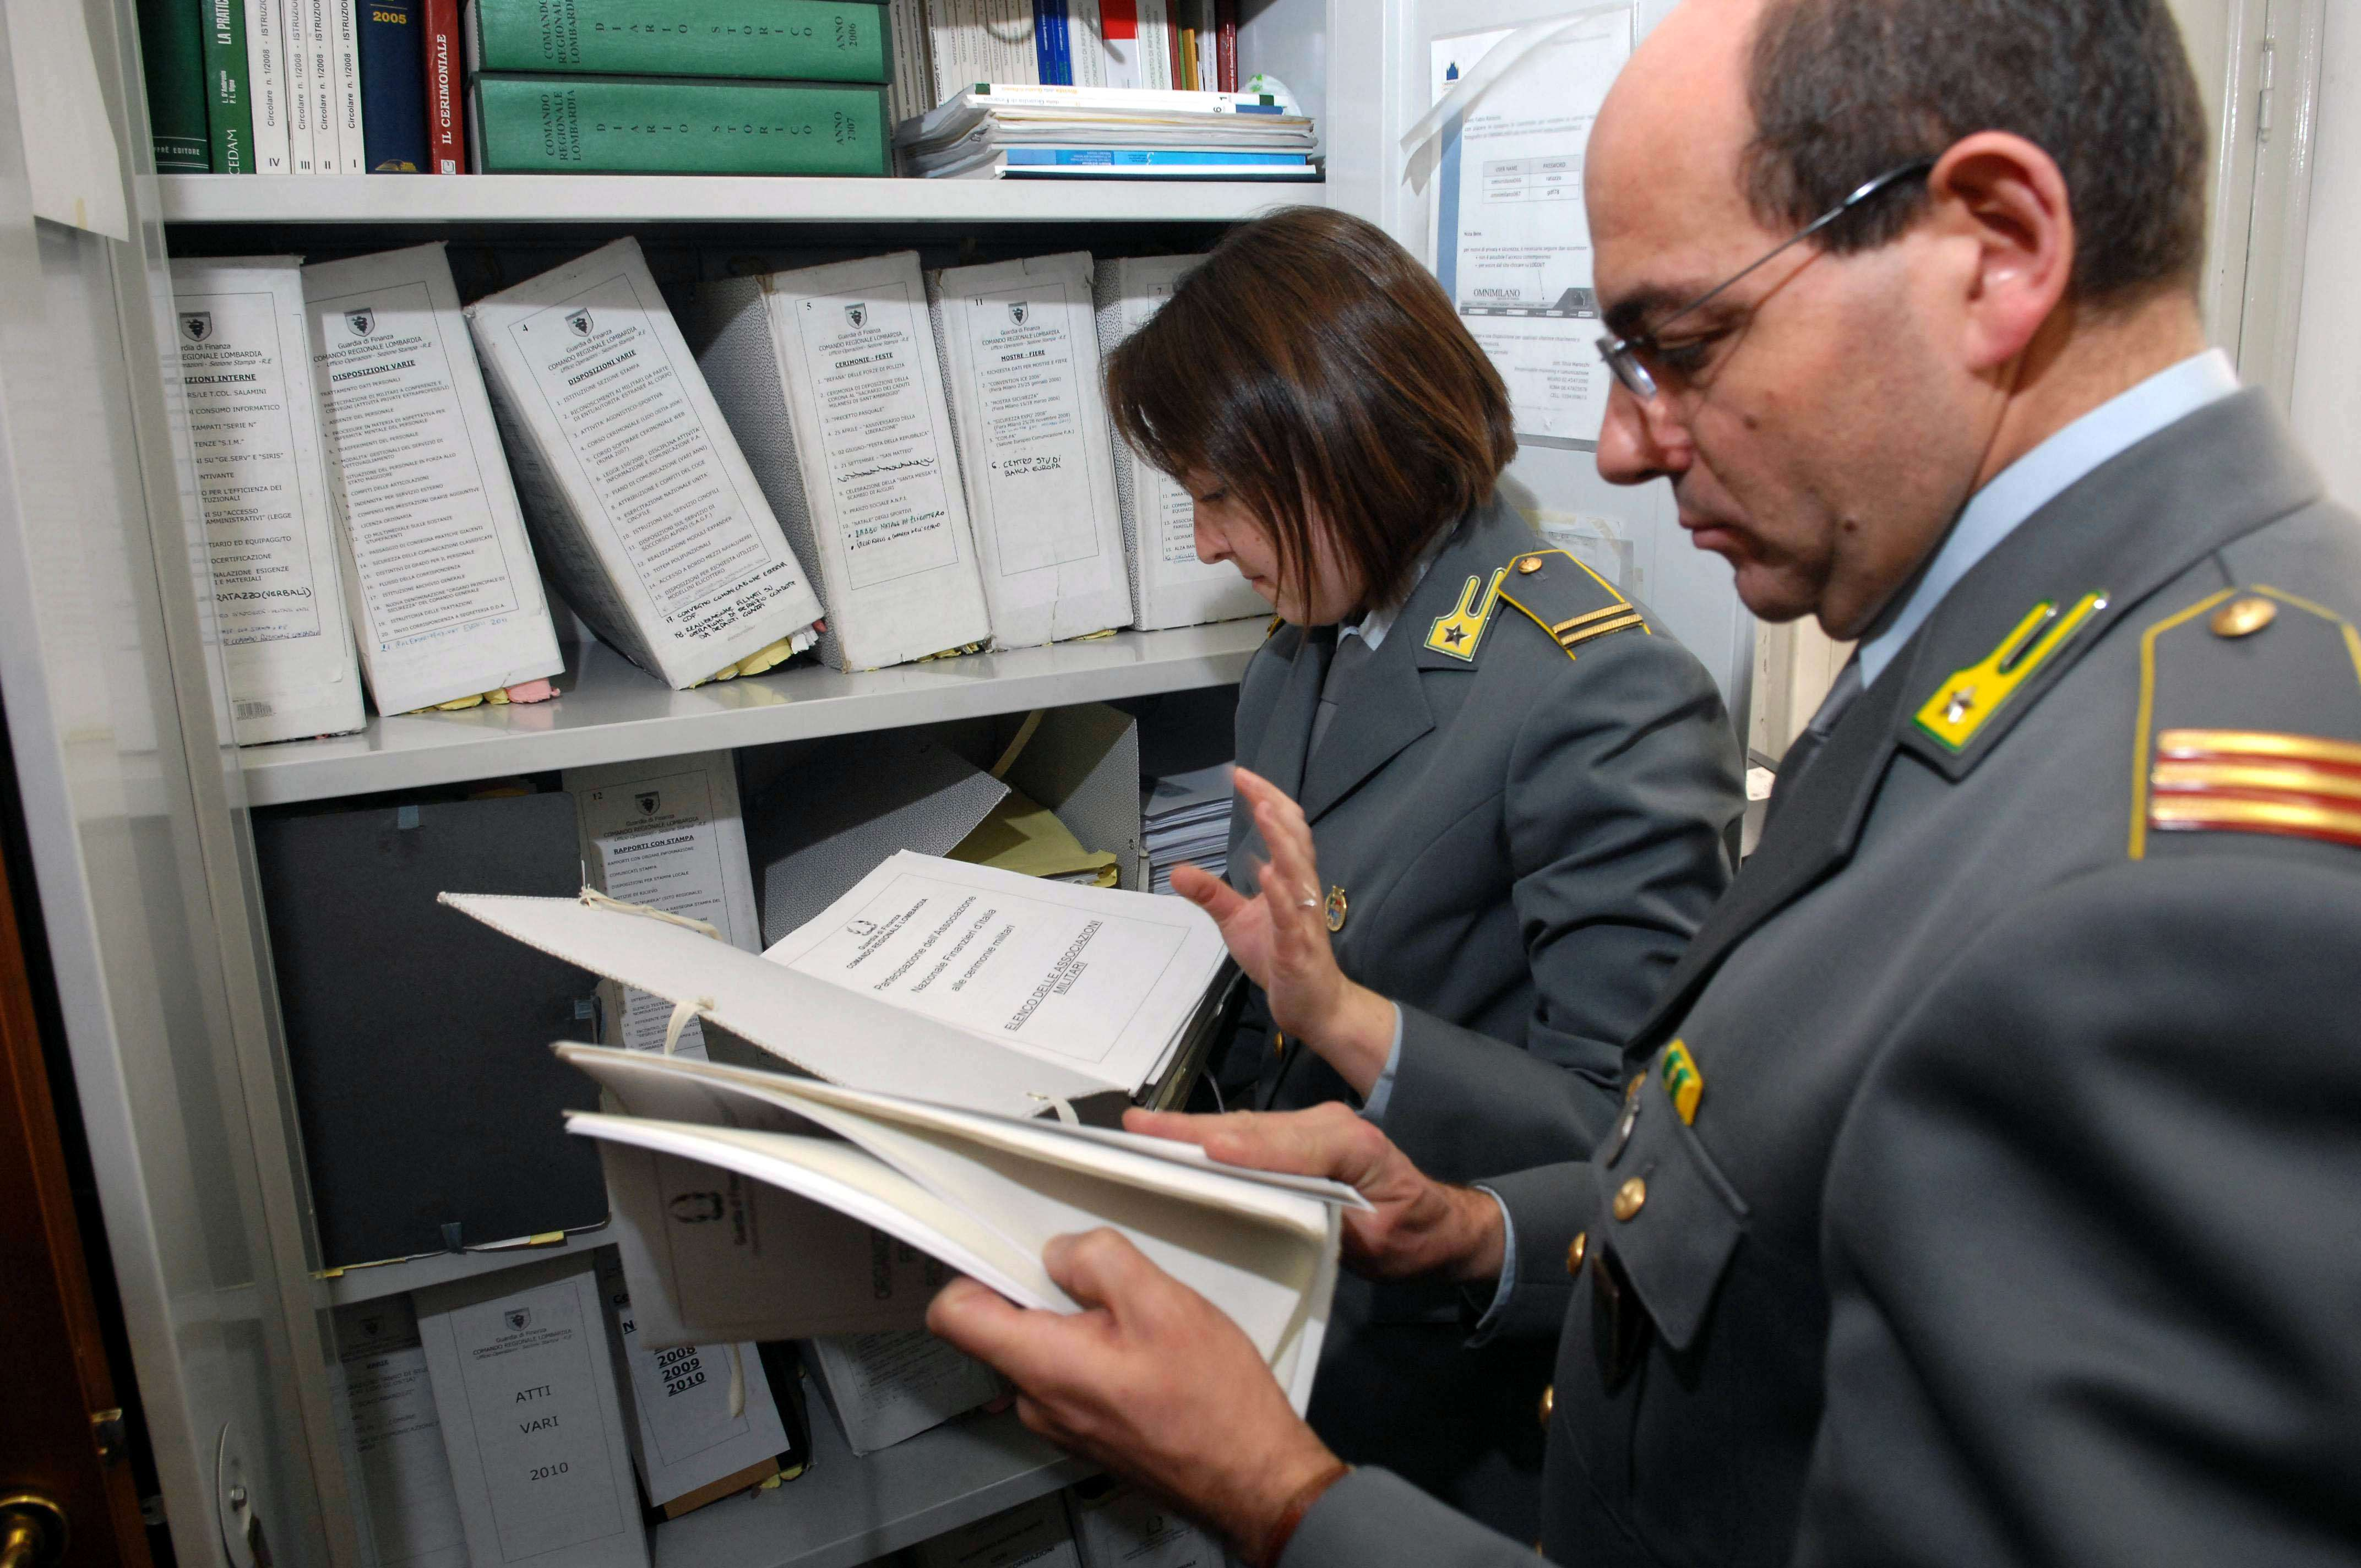 Evasione fiscale, ad Augusta un sequestro per 3 milioni di euro